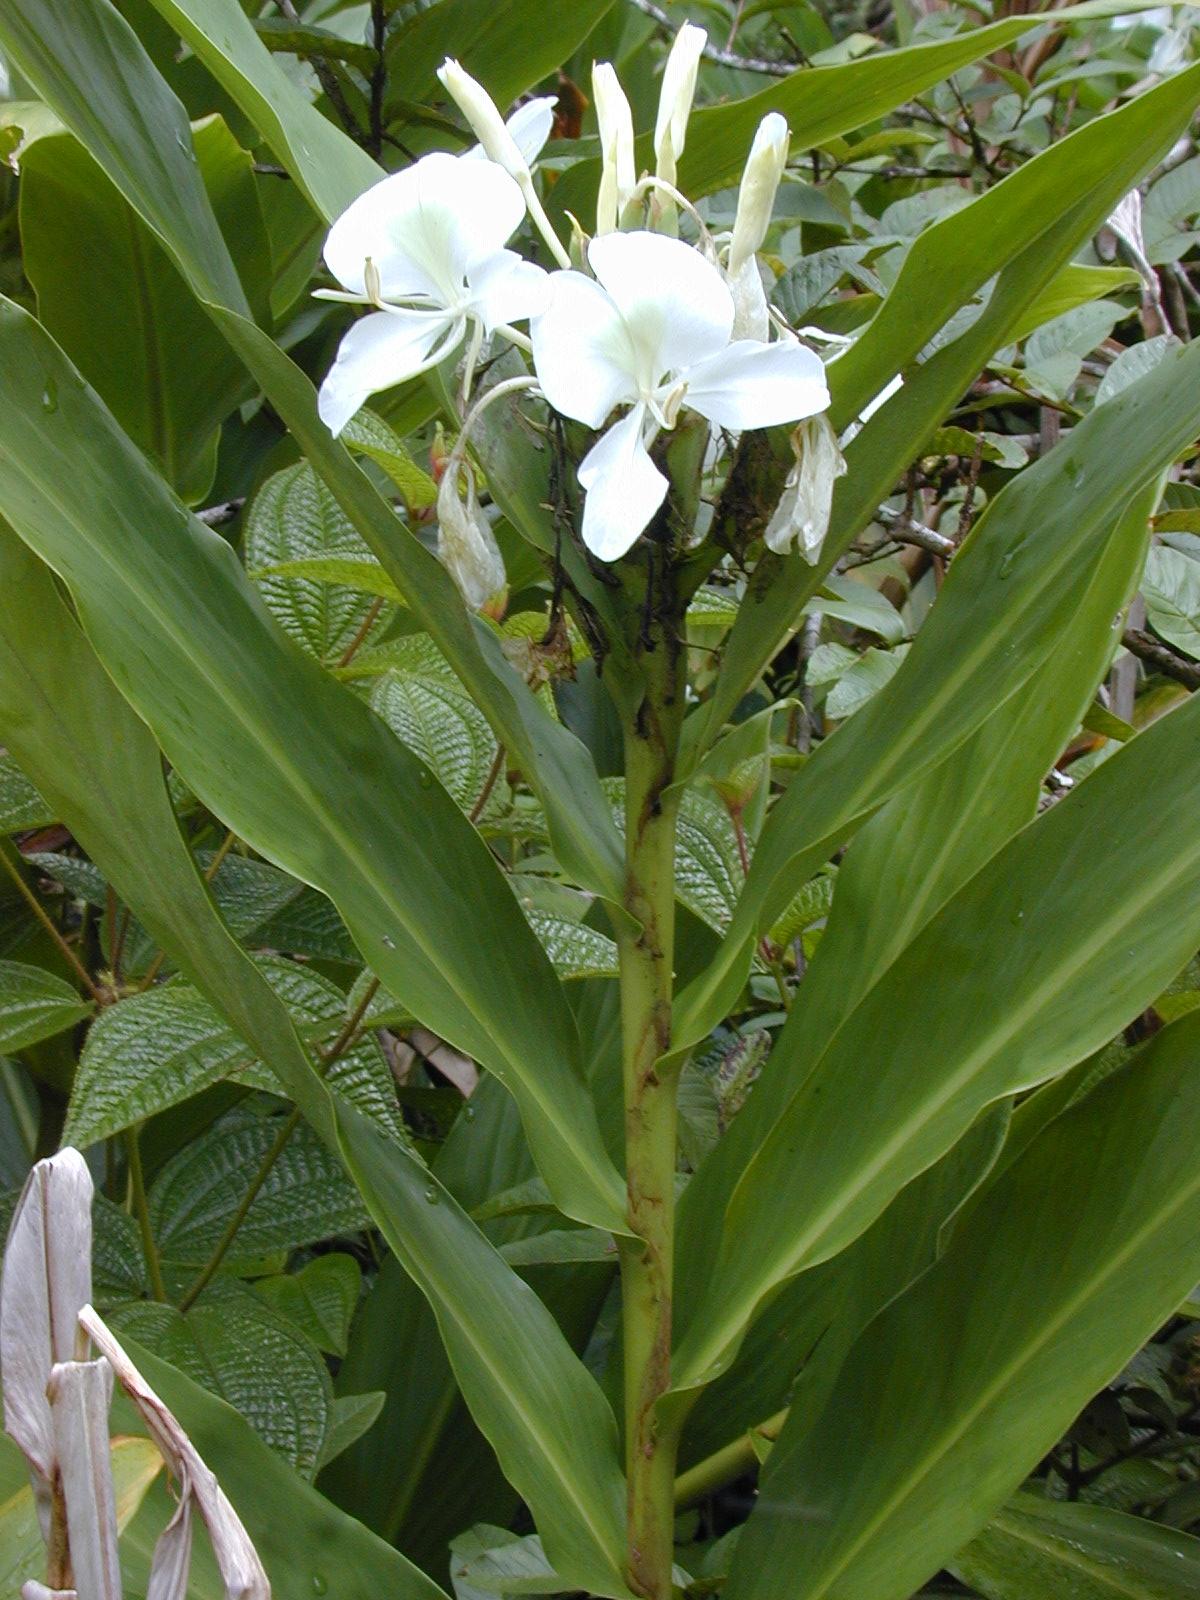 꽃생강, Hedychium coronarium J.Konig